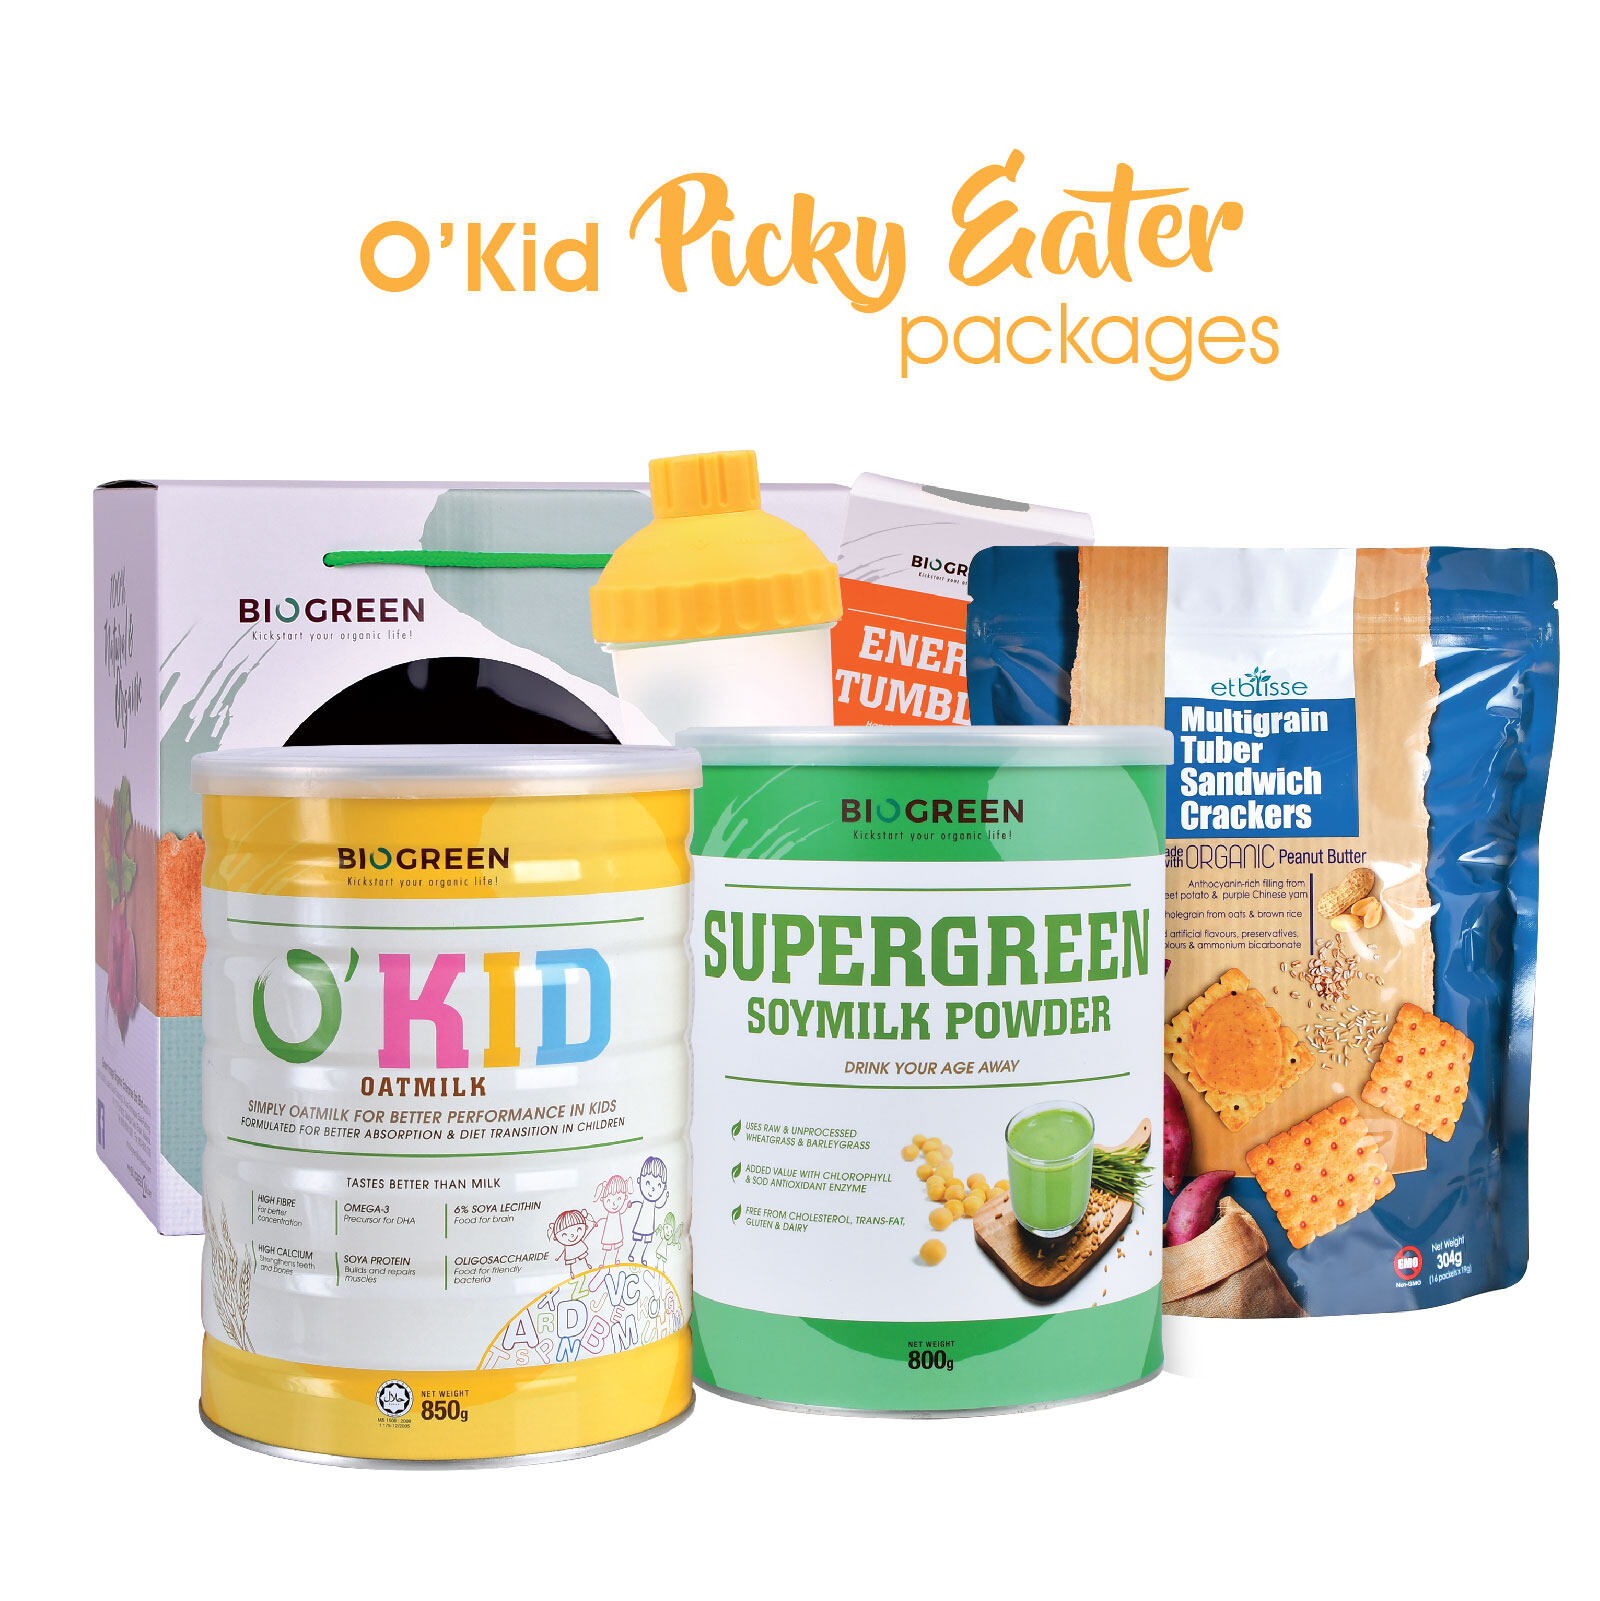 Biogreen O'Kid Picky Eater Package [O'Kid Oatmilk 850g (HALAL) + Supergreen Soymilk 800g + Multigrain Tuber Sandwich Cracker 304g]